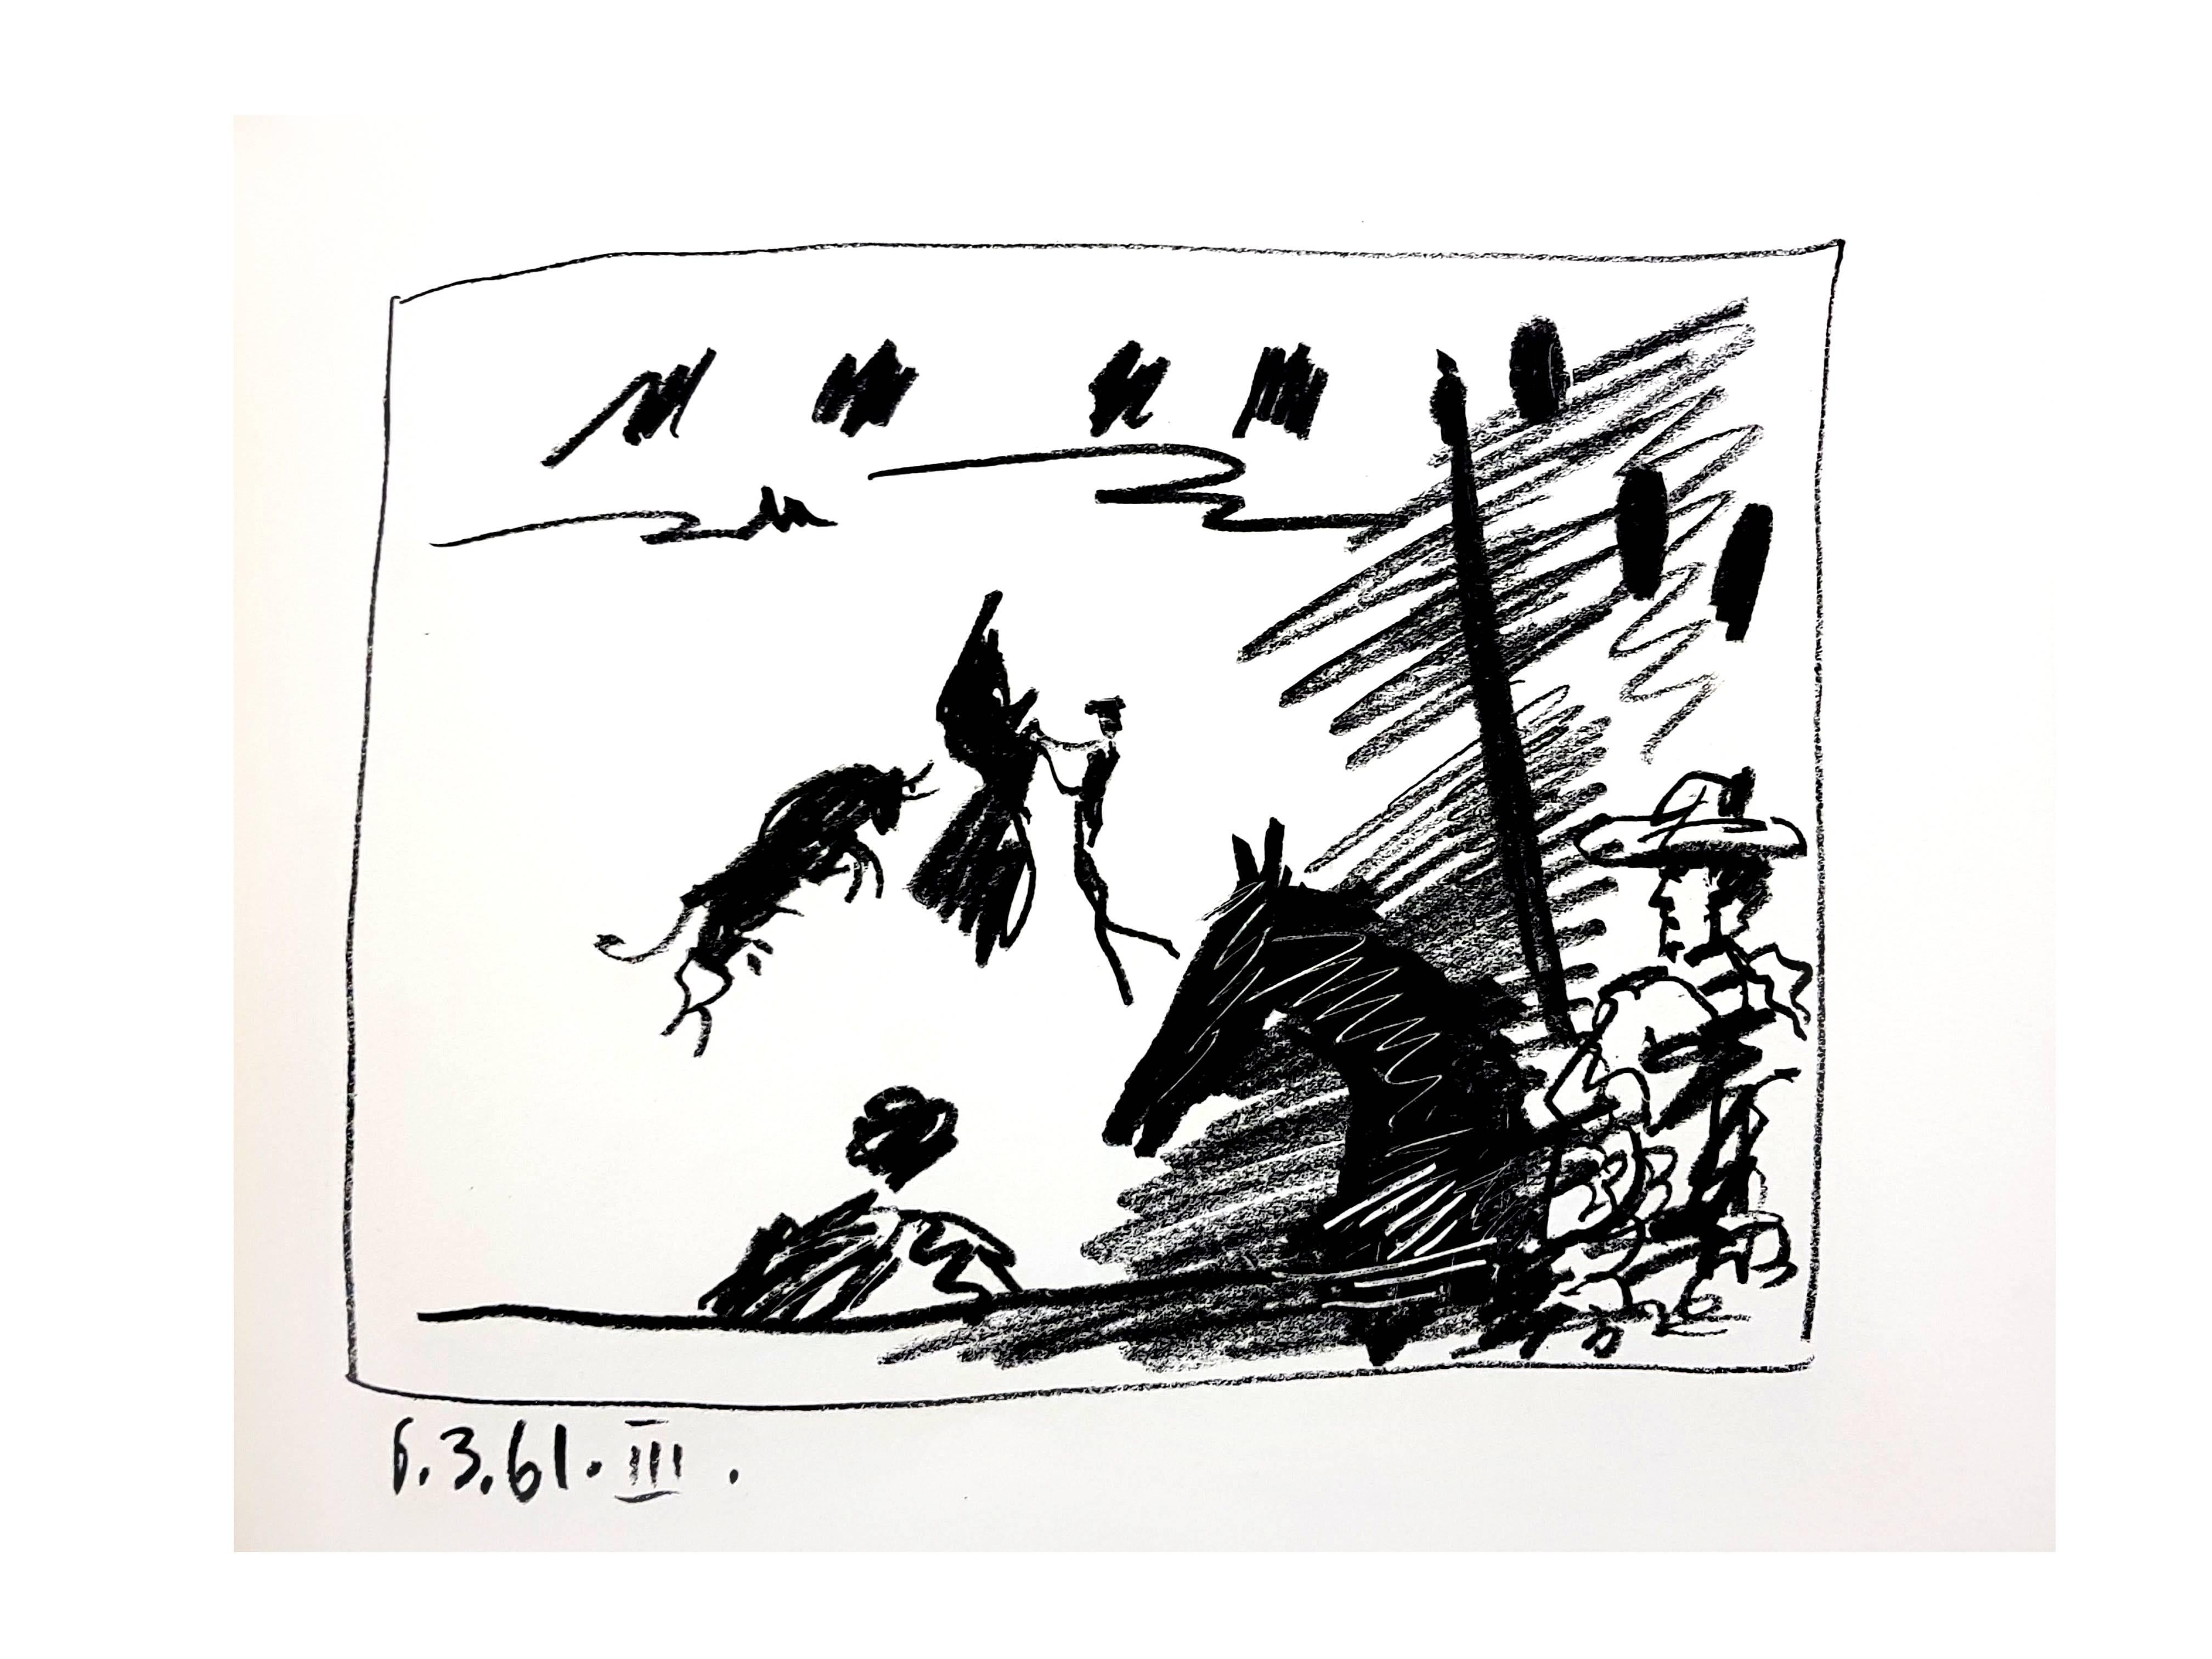 Pablo Picasso - Jeu de la Cape - Original Lithograph